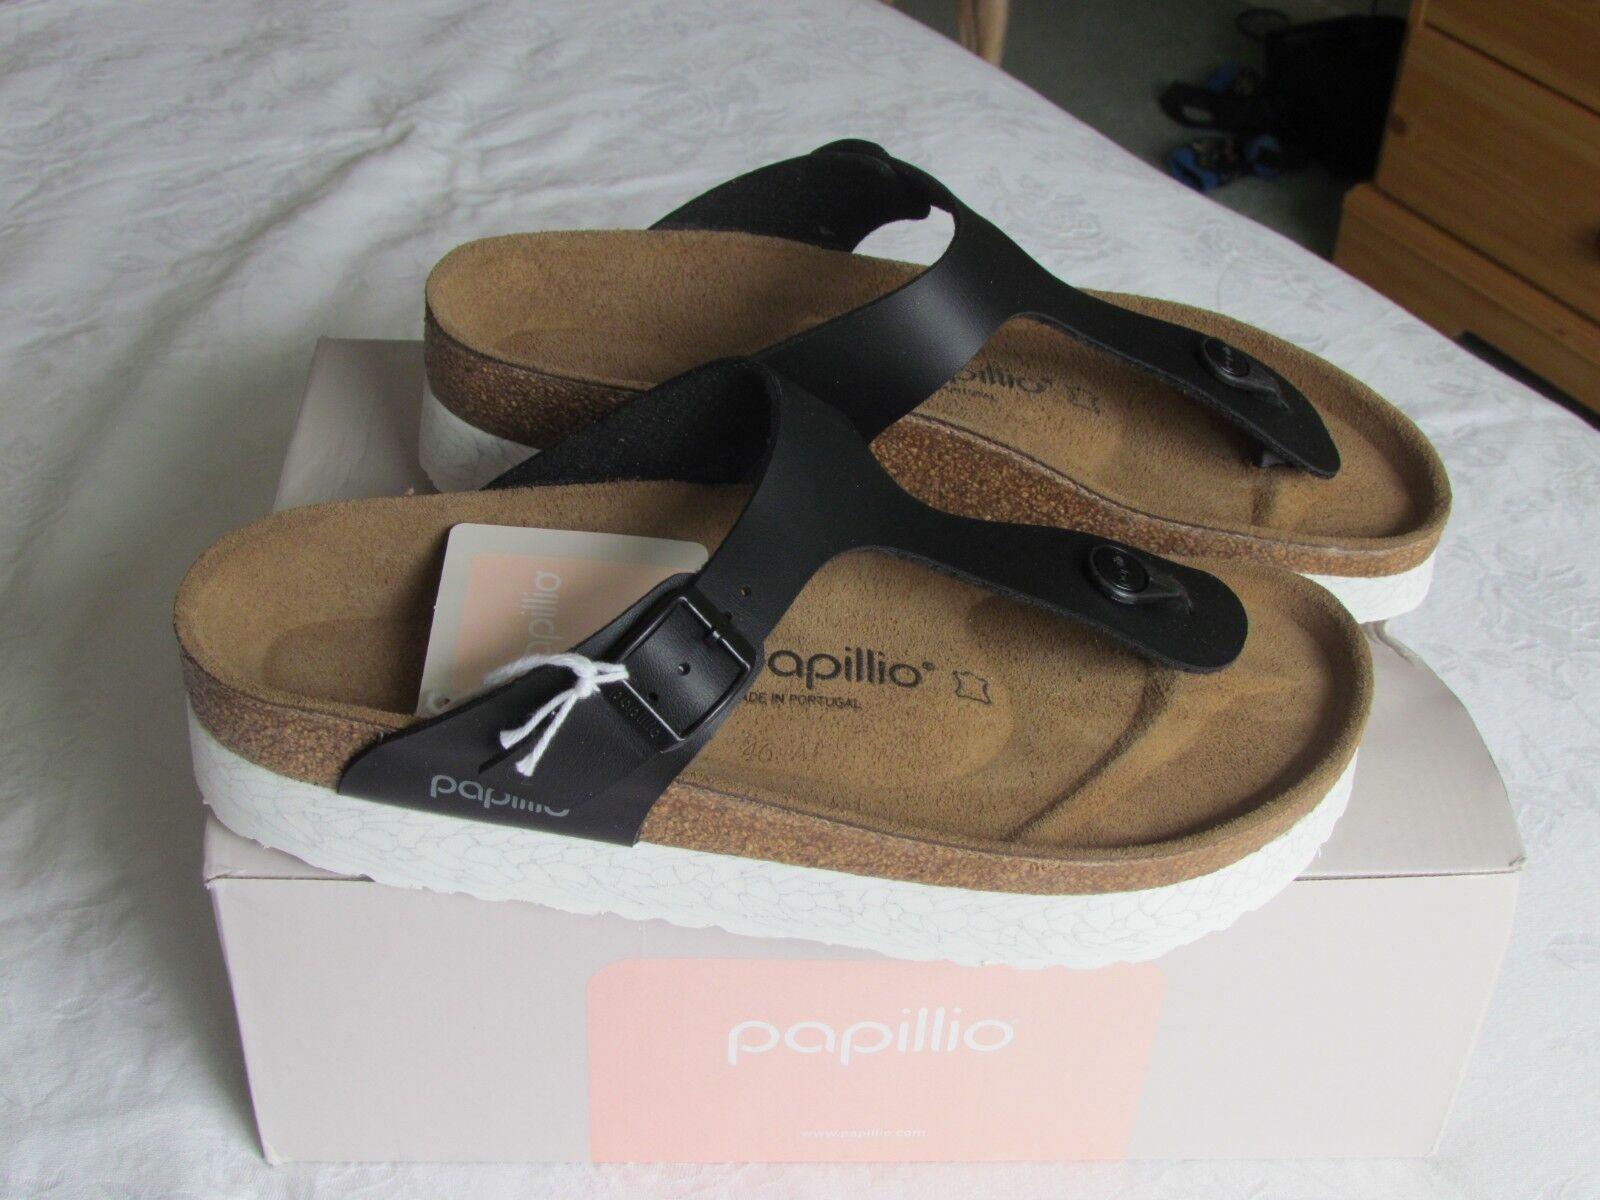 NEW Papillio Ladies Gizeh Black Platform Mules Sandals UK Size 7 EU 40